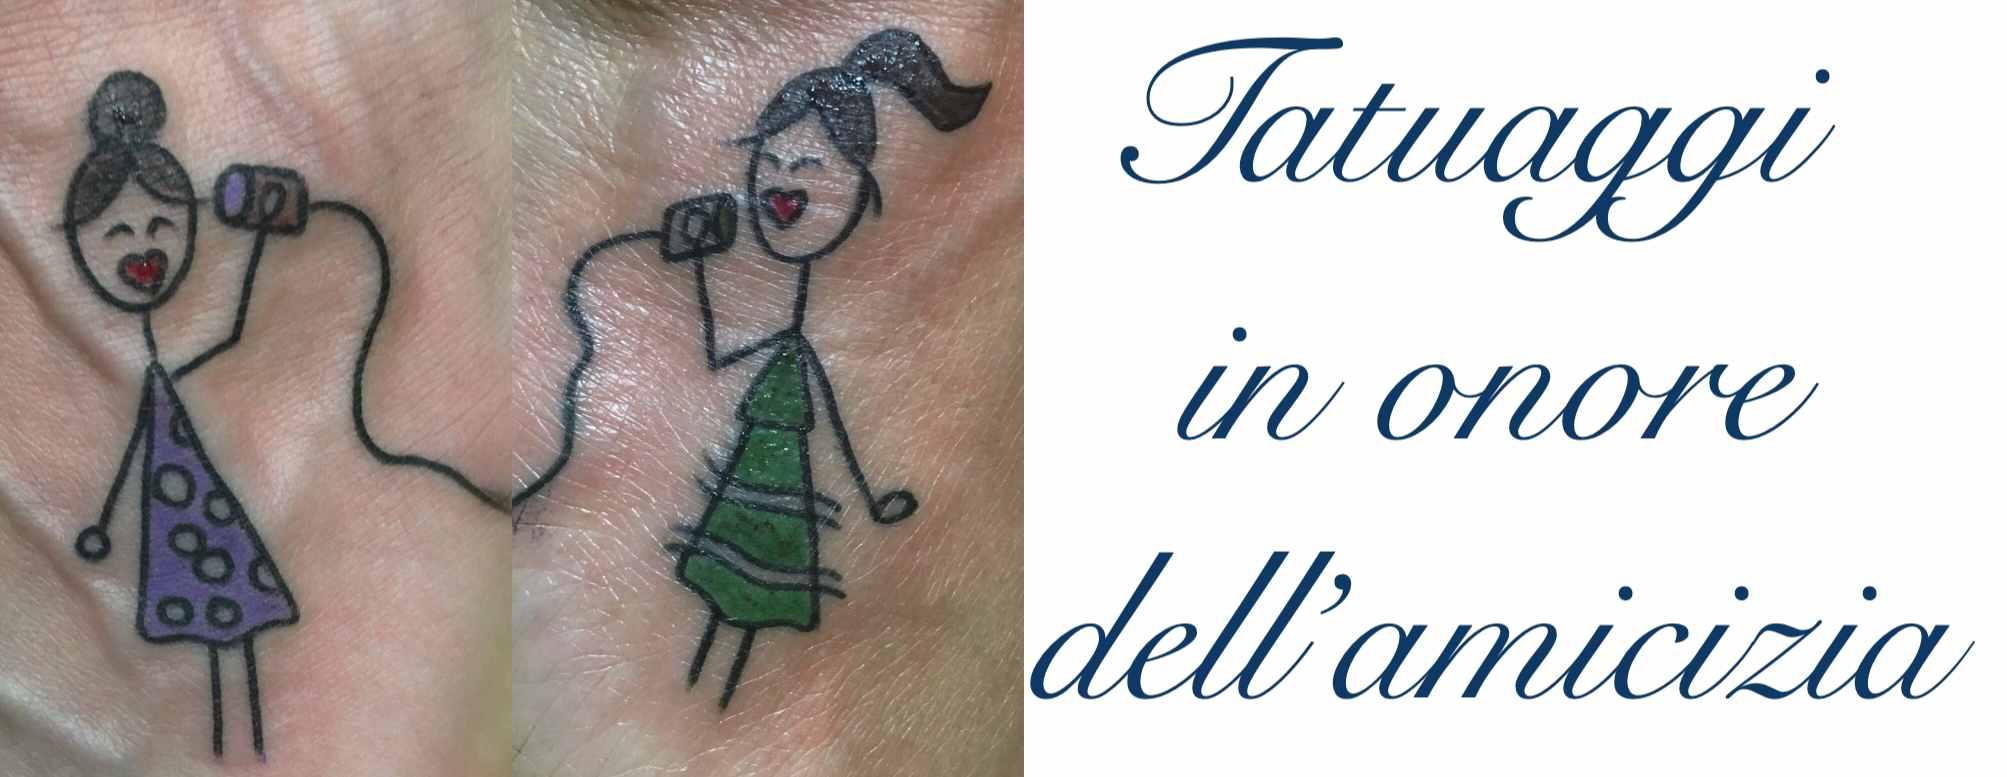 Tatuaggio Tattoo Amicizia Significato